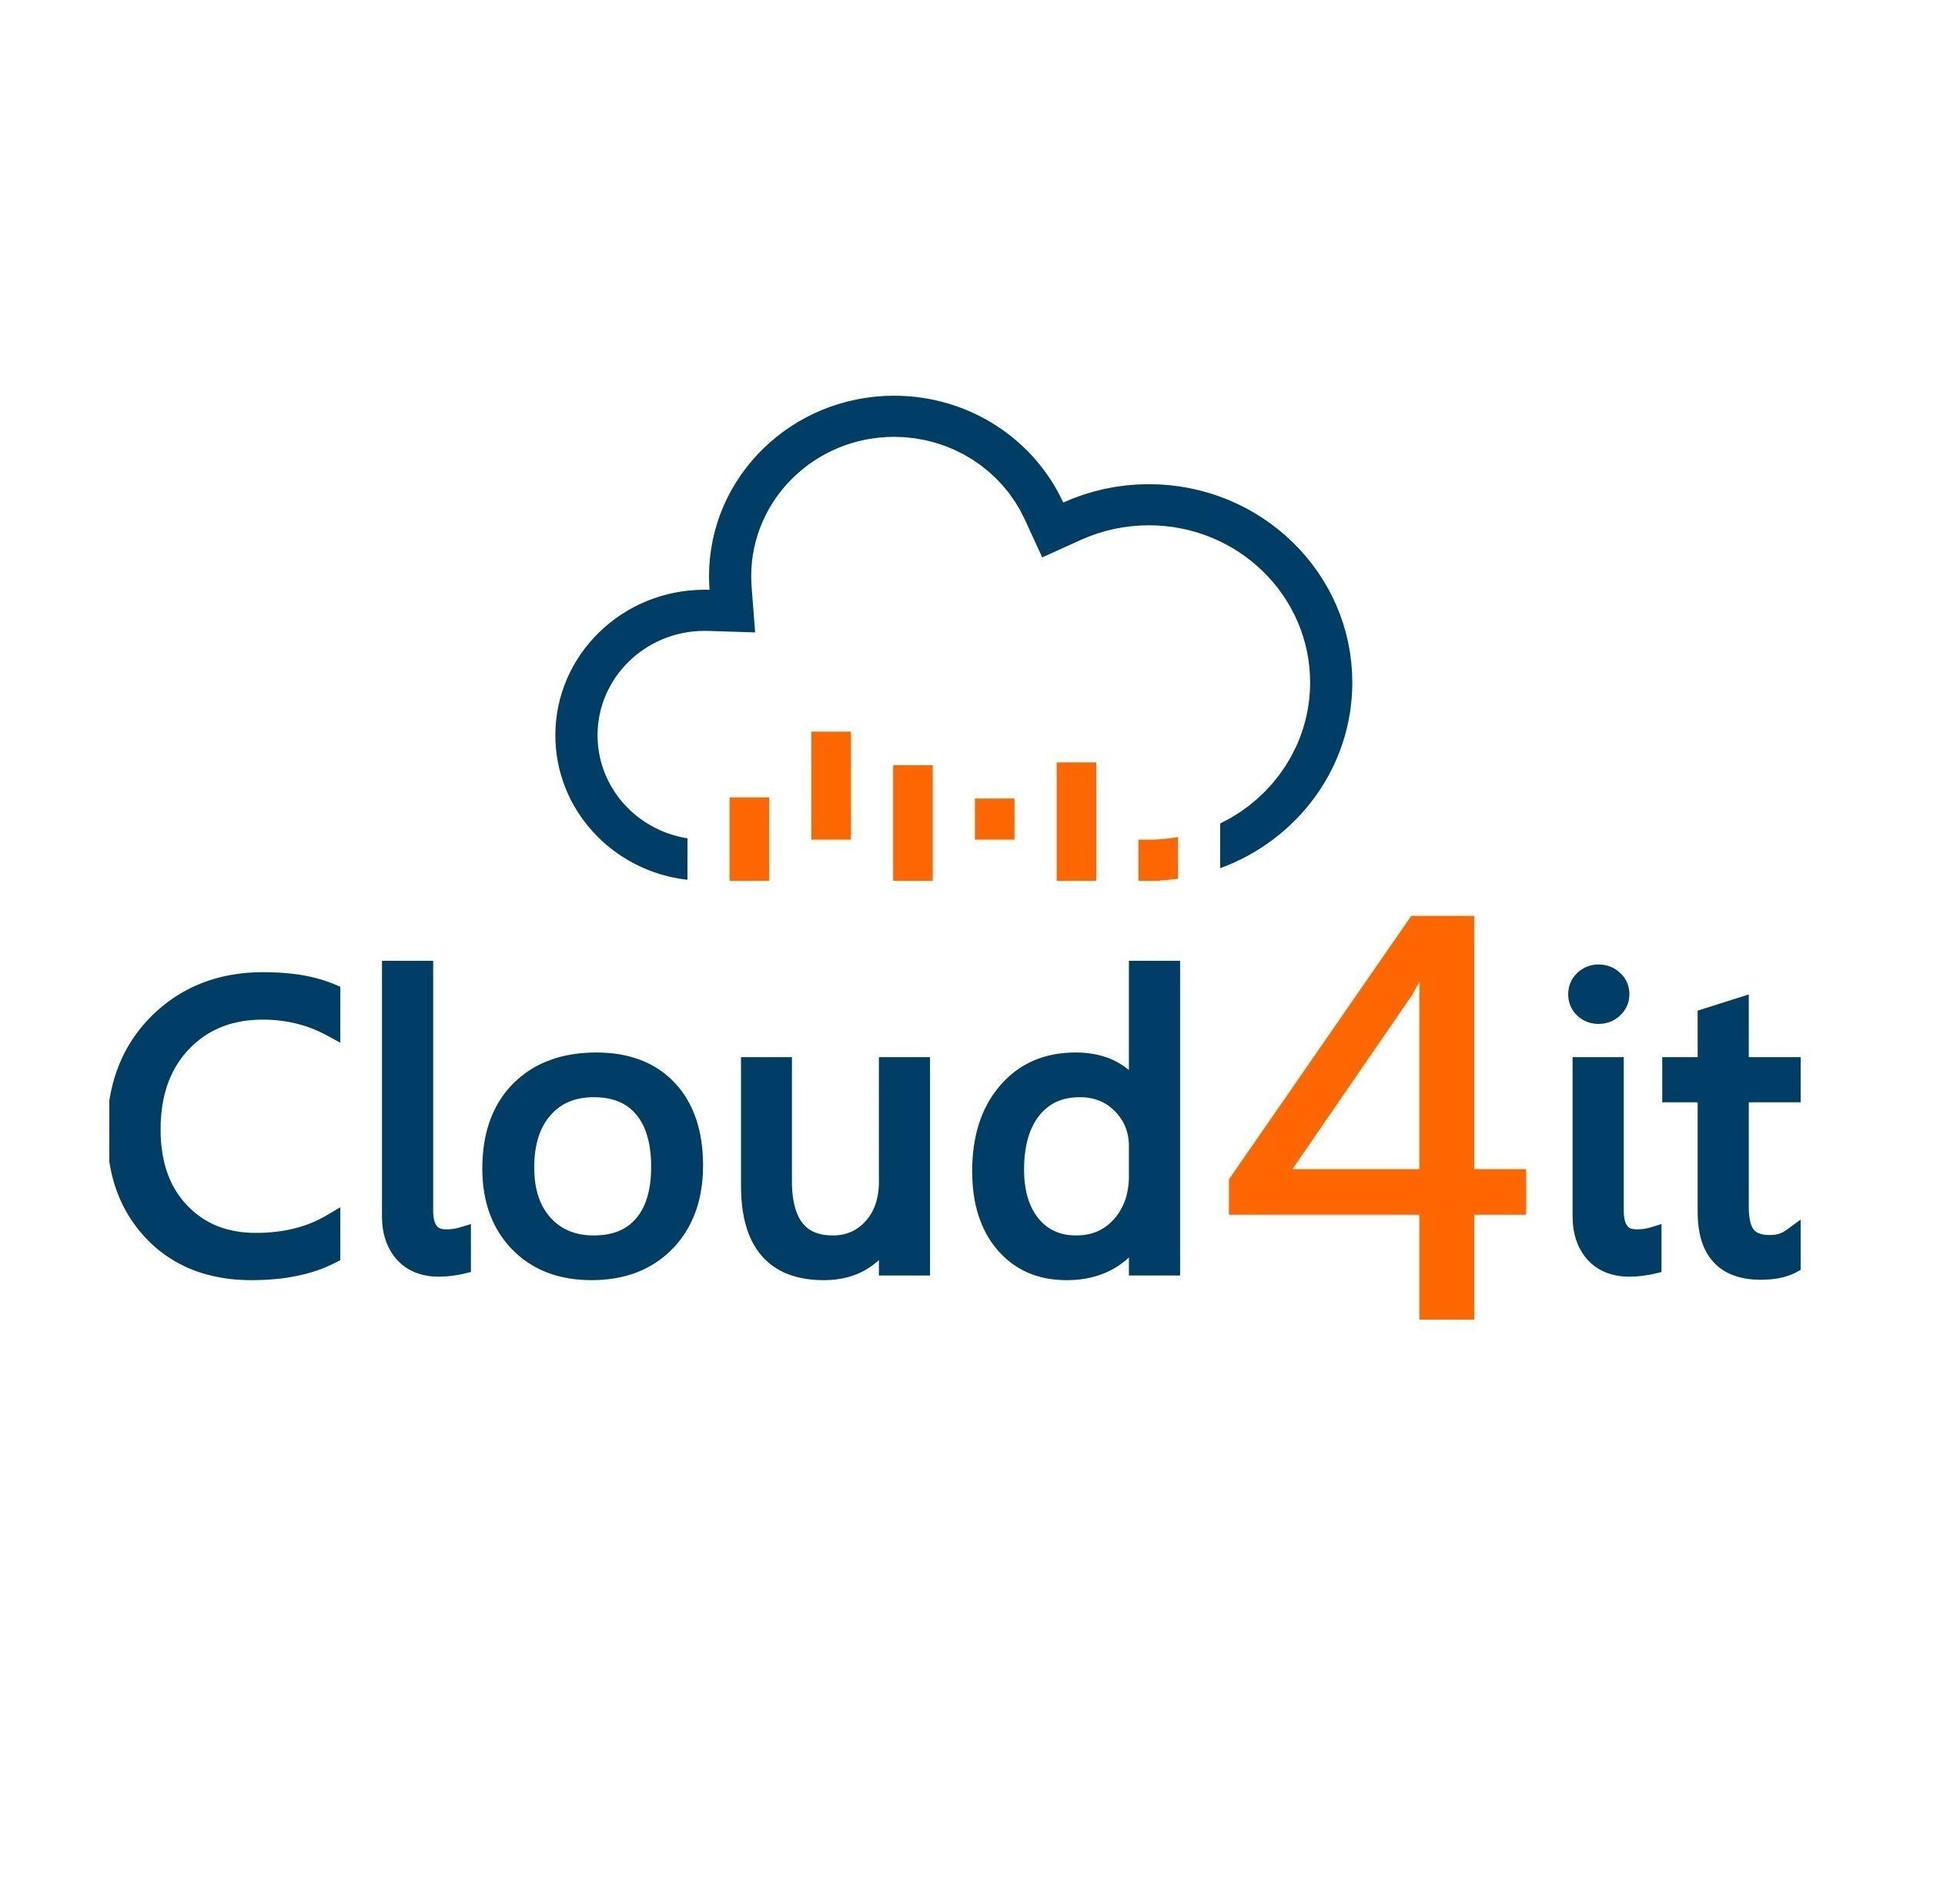 Cloud4it Group